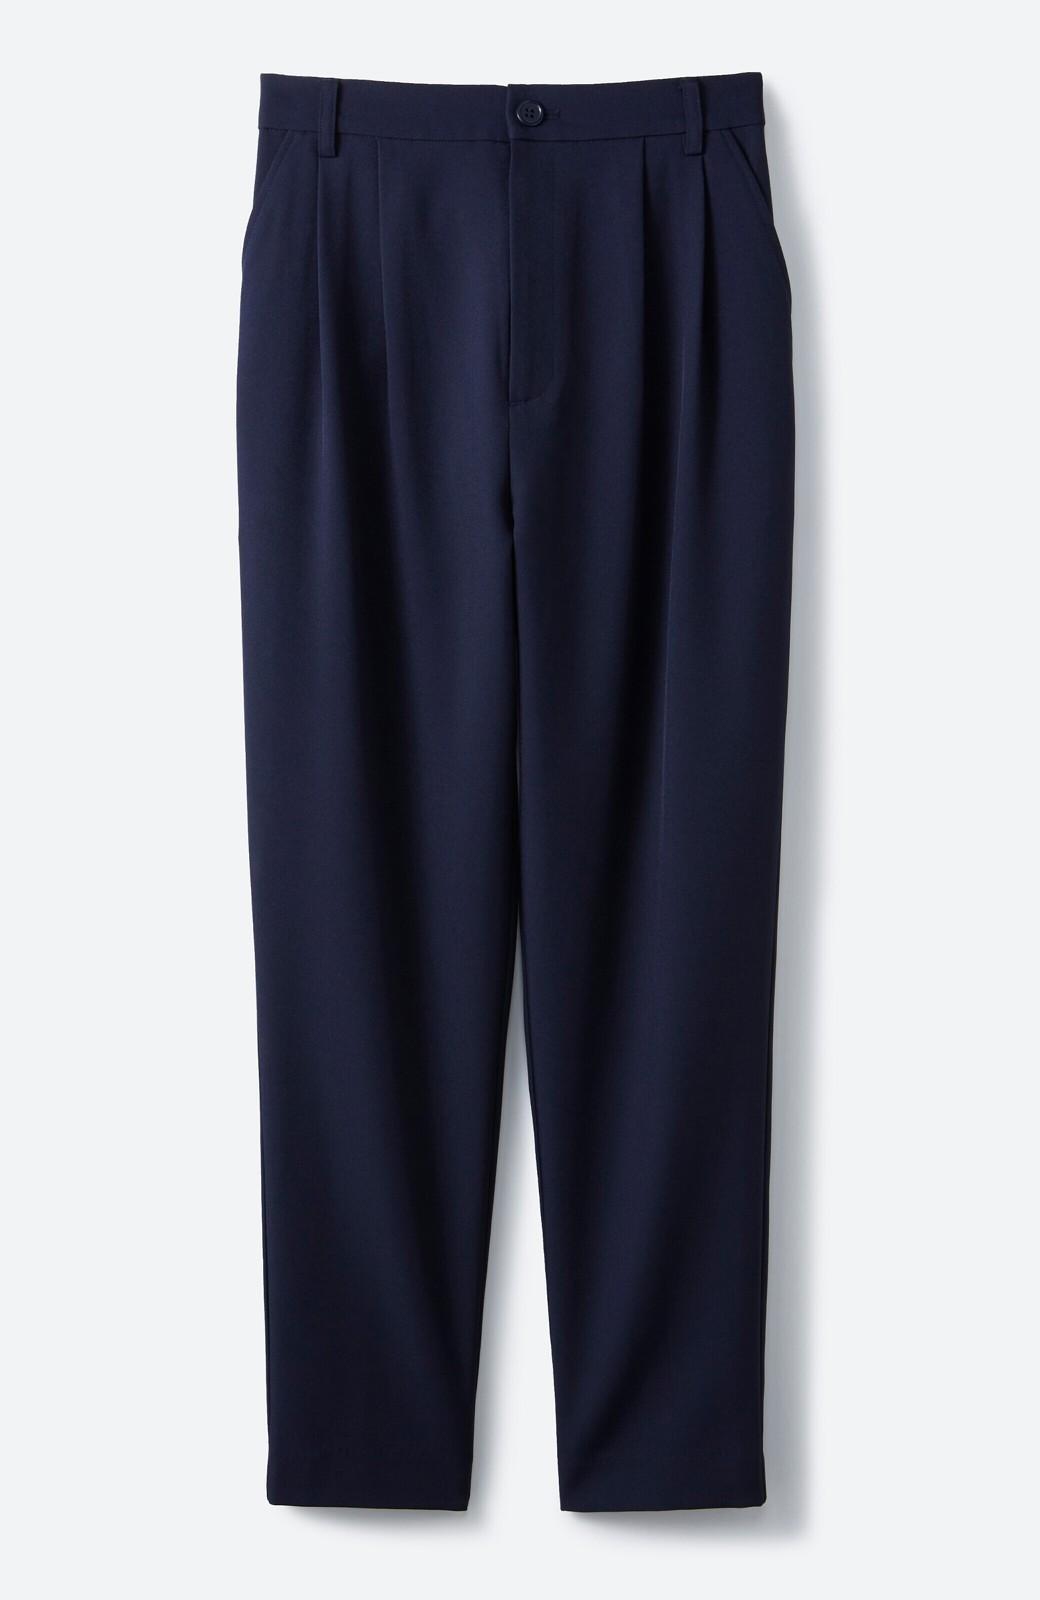 haco! 持っていると便利な野暮ったくならないフォーマルジャケット・パンツの2点セット <ネイビー>の商品写真3